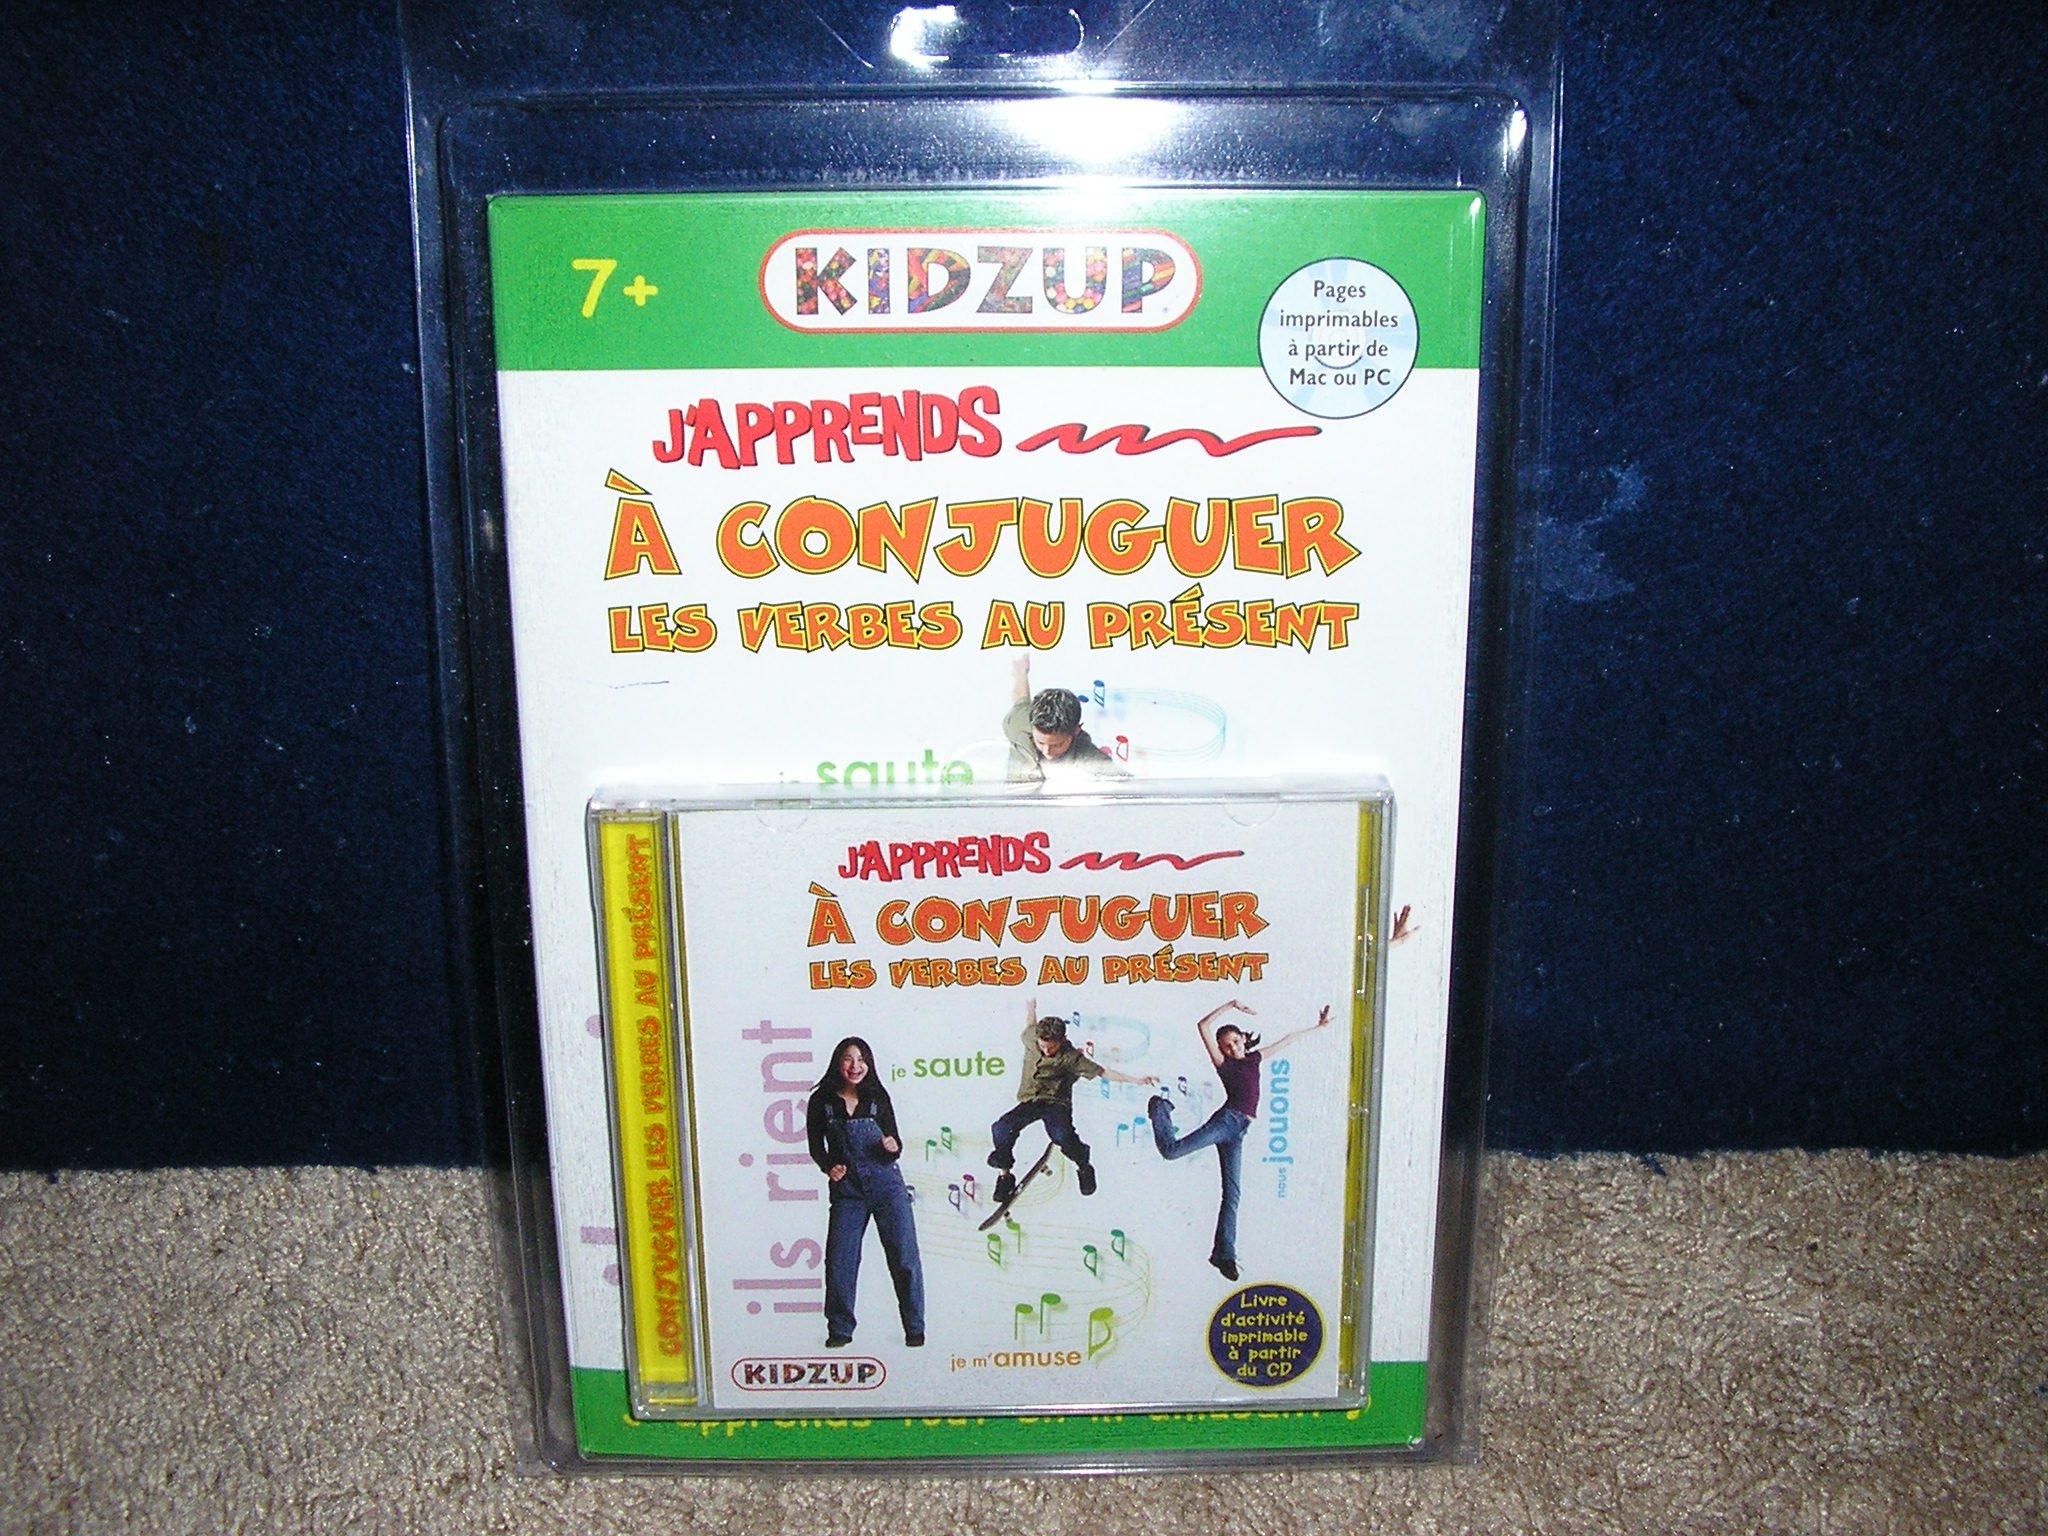 J Apprends A Conjuguer Les Verbes Au Present 9781897138335 Amazon Com Books